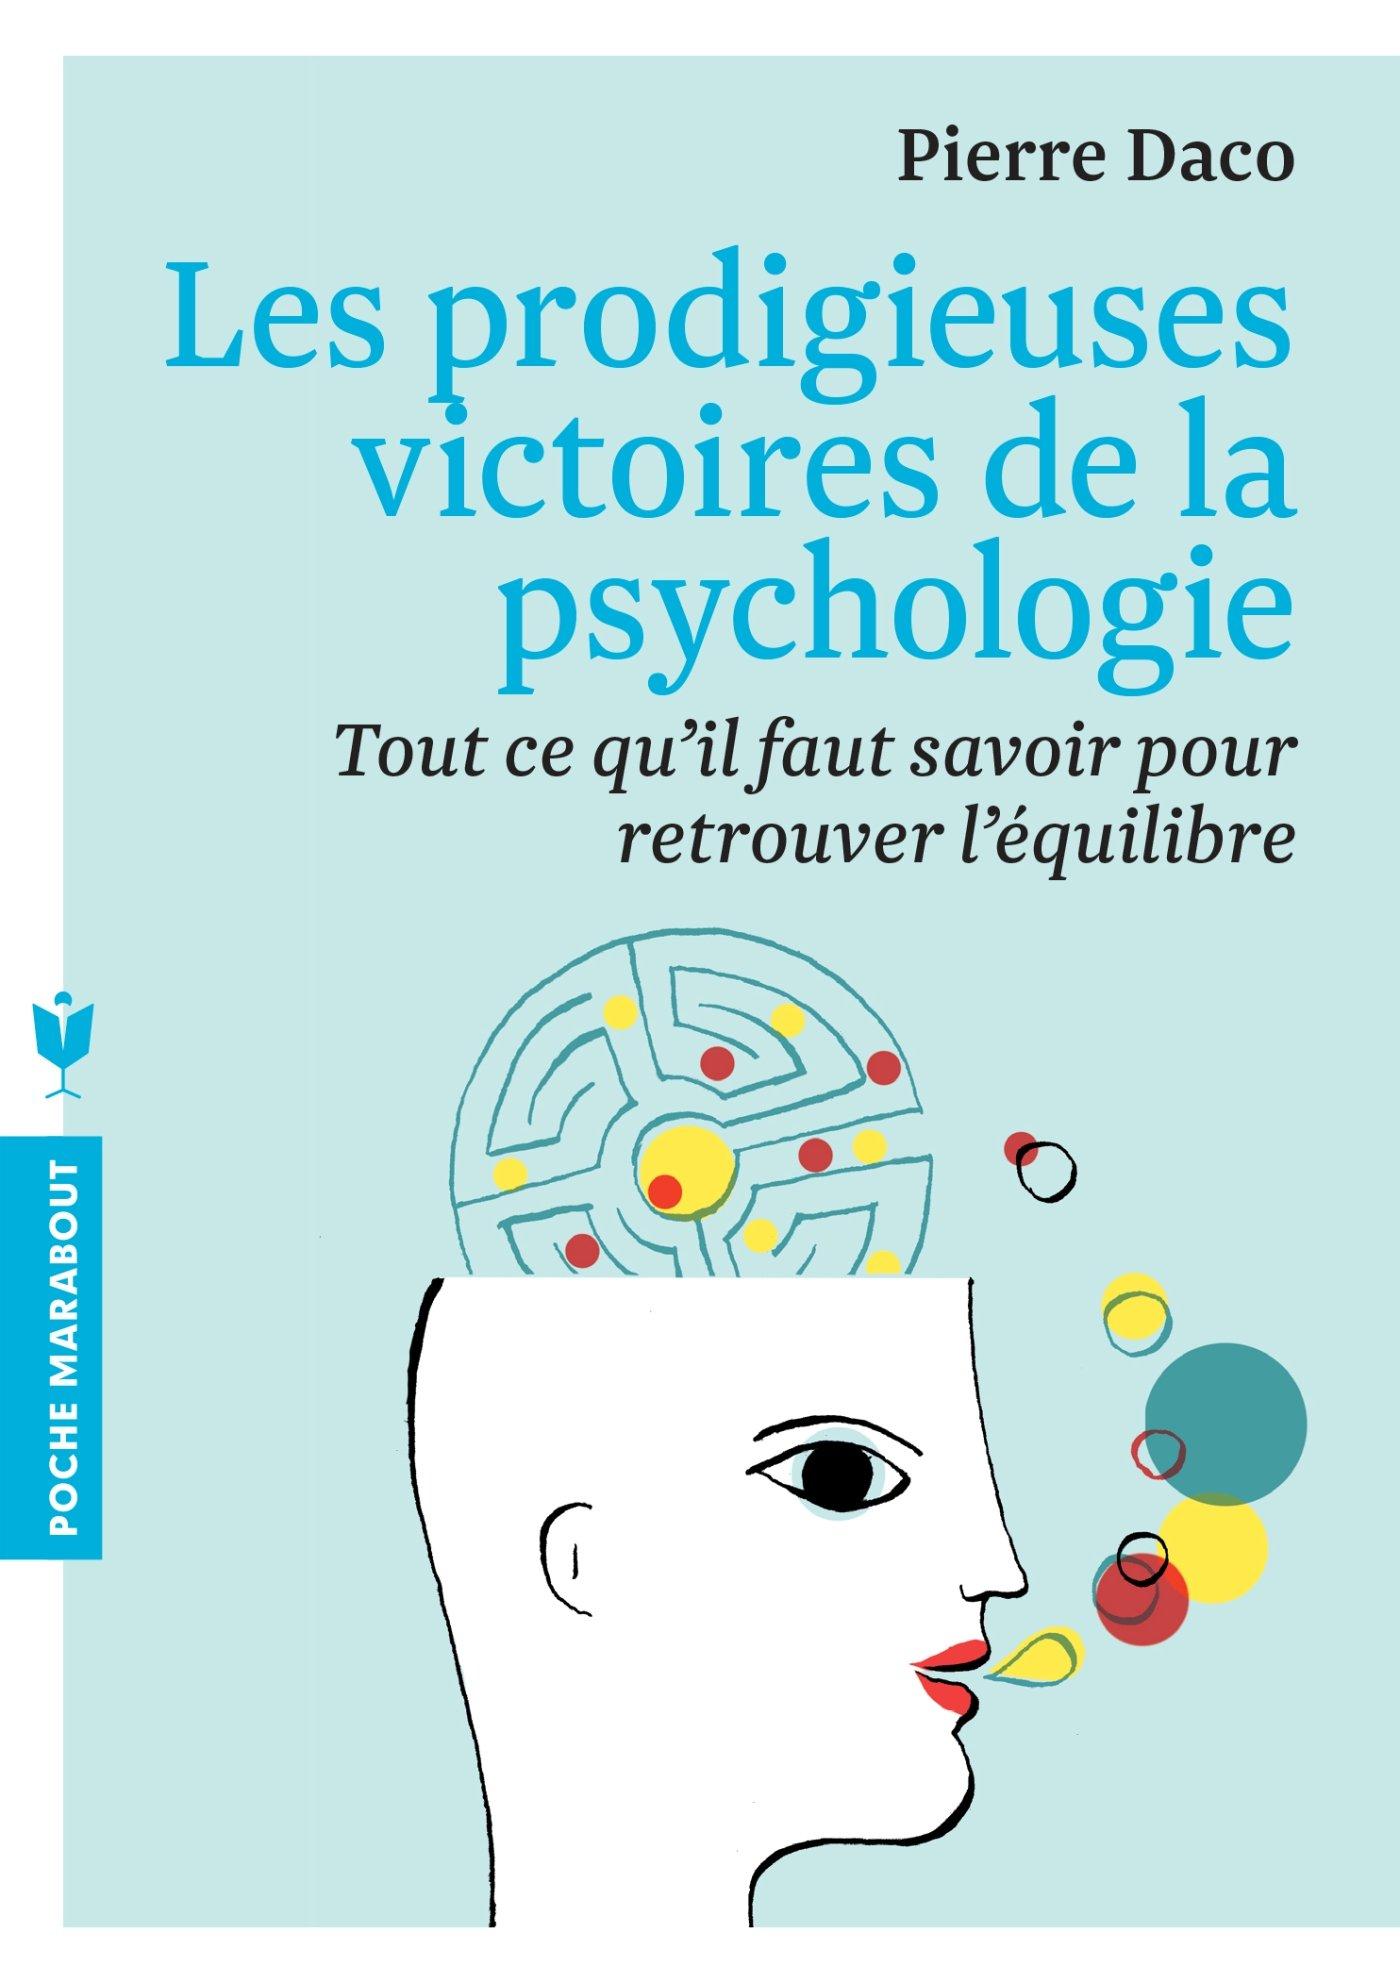 VICTOIRES TÉLÉCHARGER PSYCHOLOGIE GRATUIT MODERNE PDF LA PRODIGIEUSES LES GRATUITEMENT DE